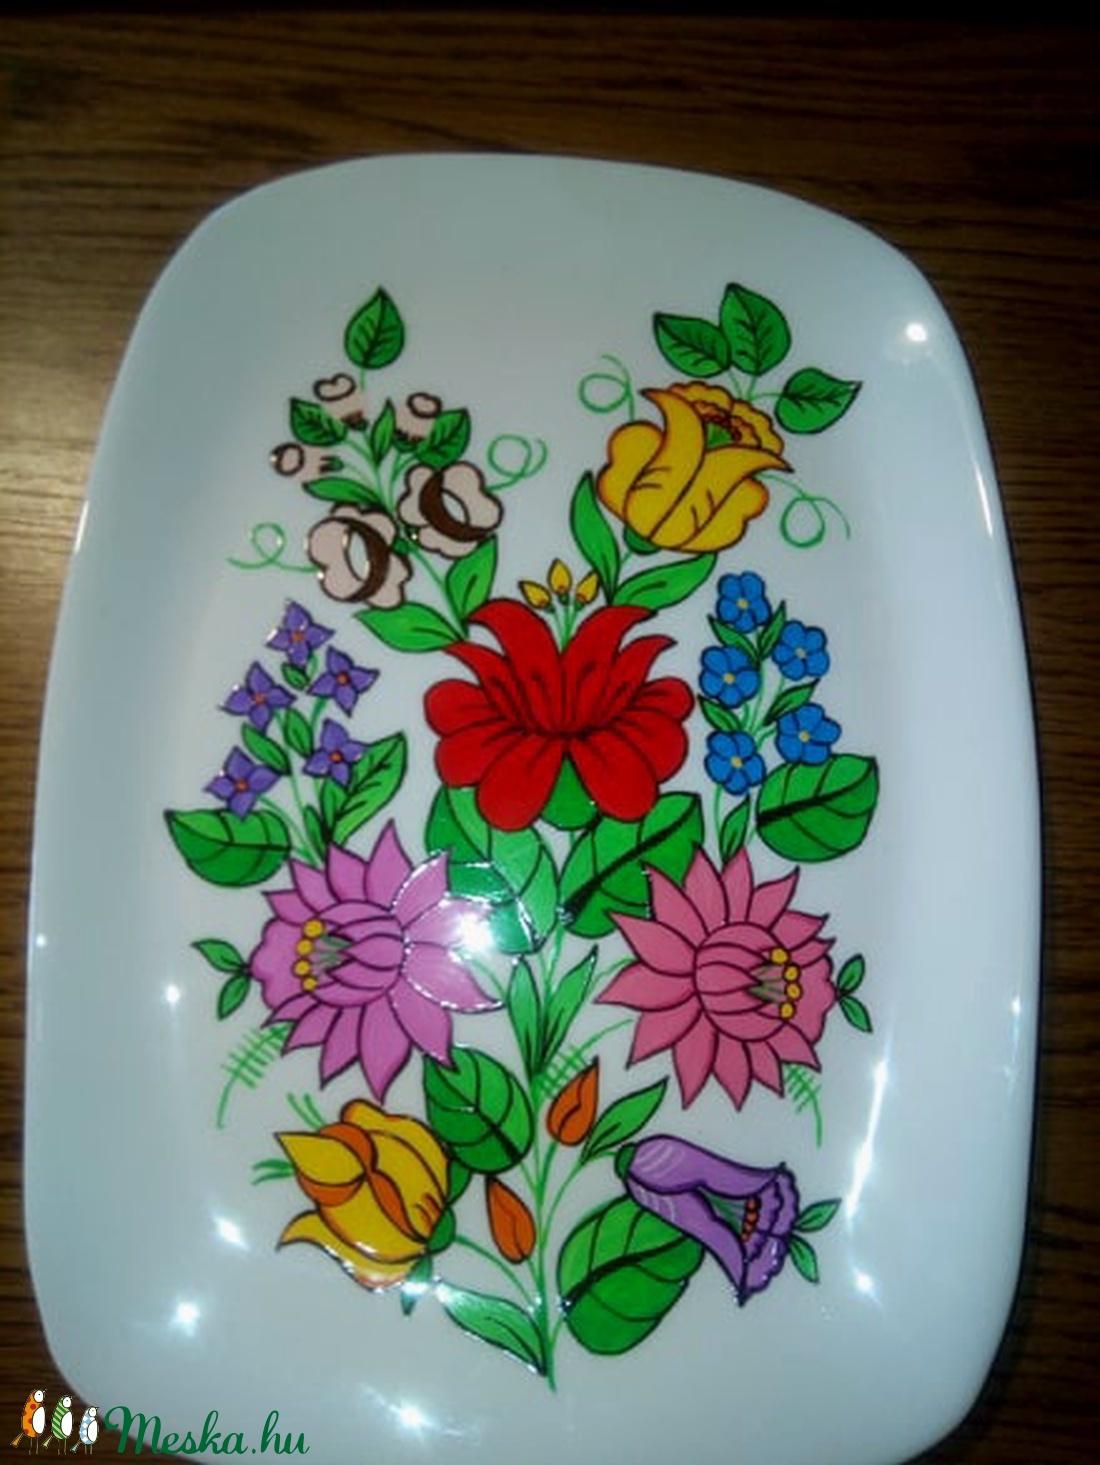 Kalocsai kézzel festett porcelán tál . (bartokaniko) - Meska.hu